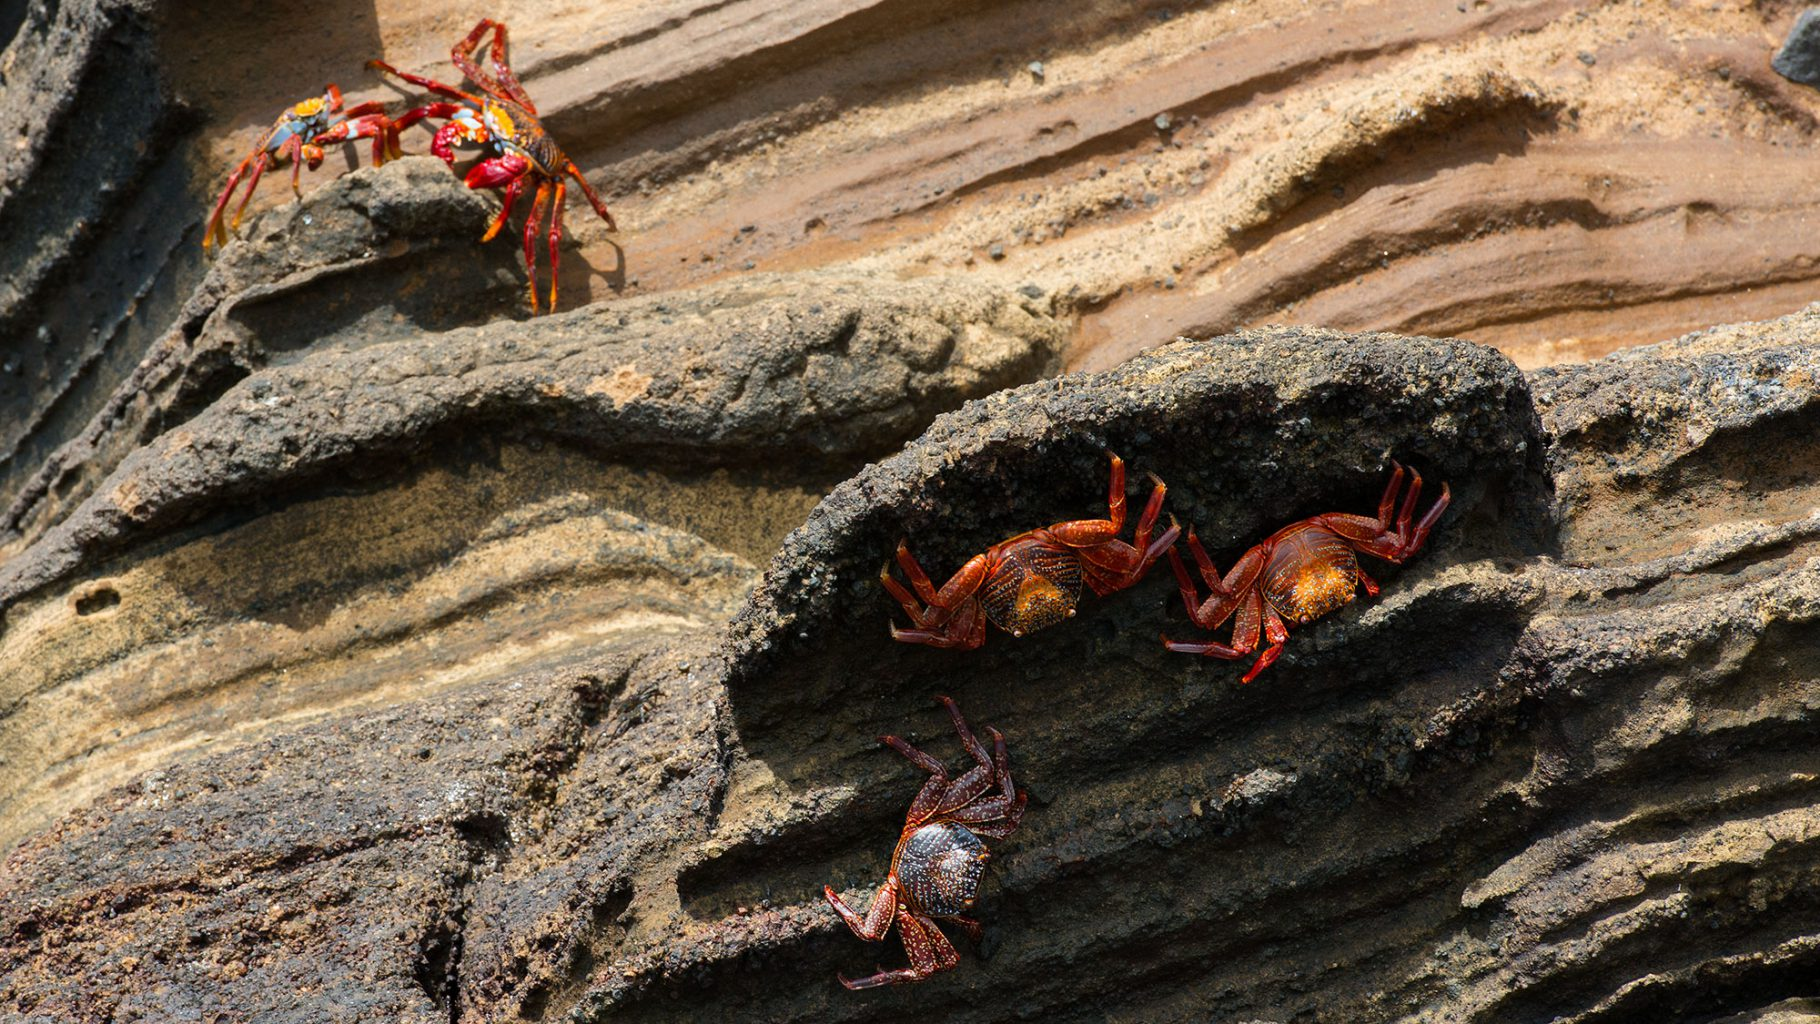 Galapagos Islands - Punta Vicente Roca Crabs, Krabben